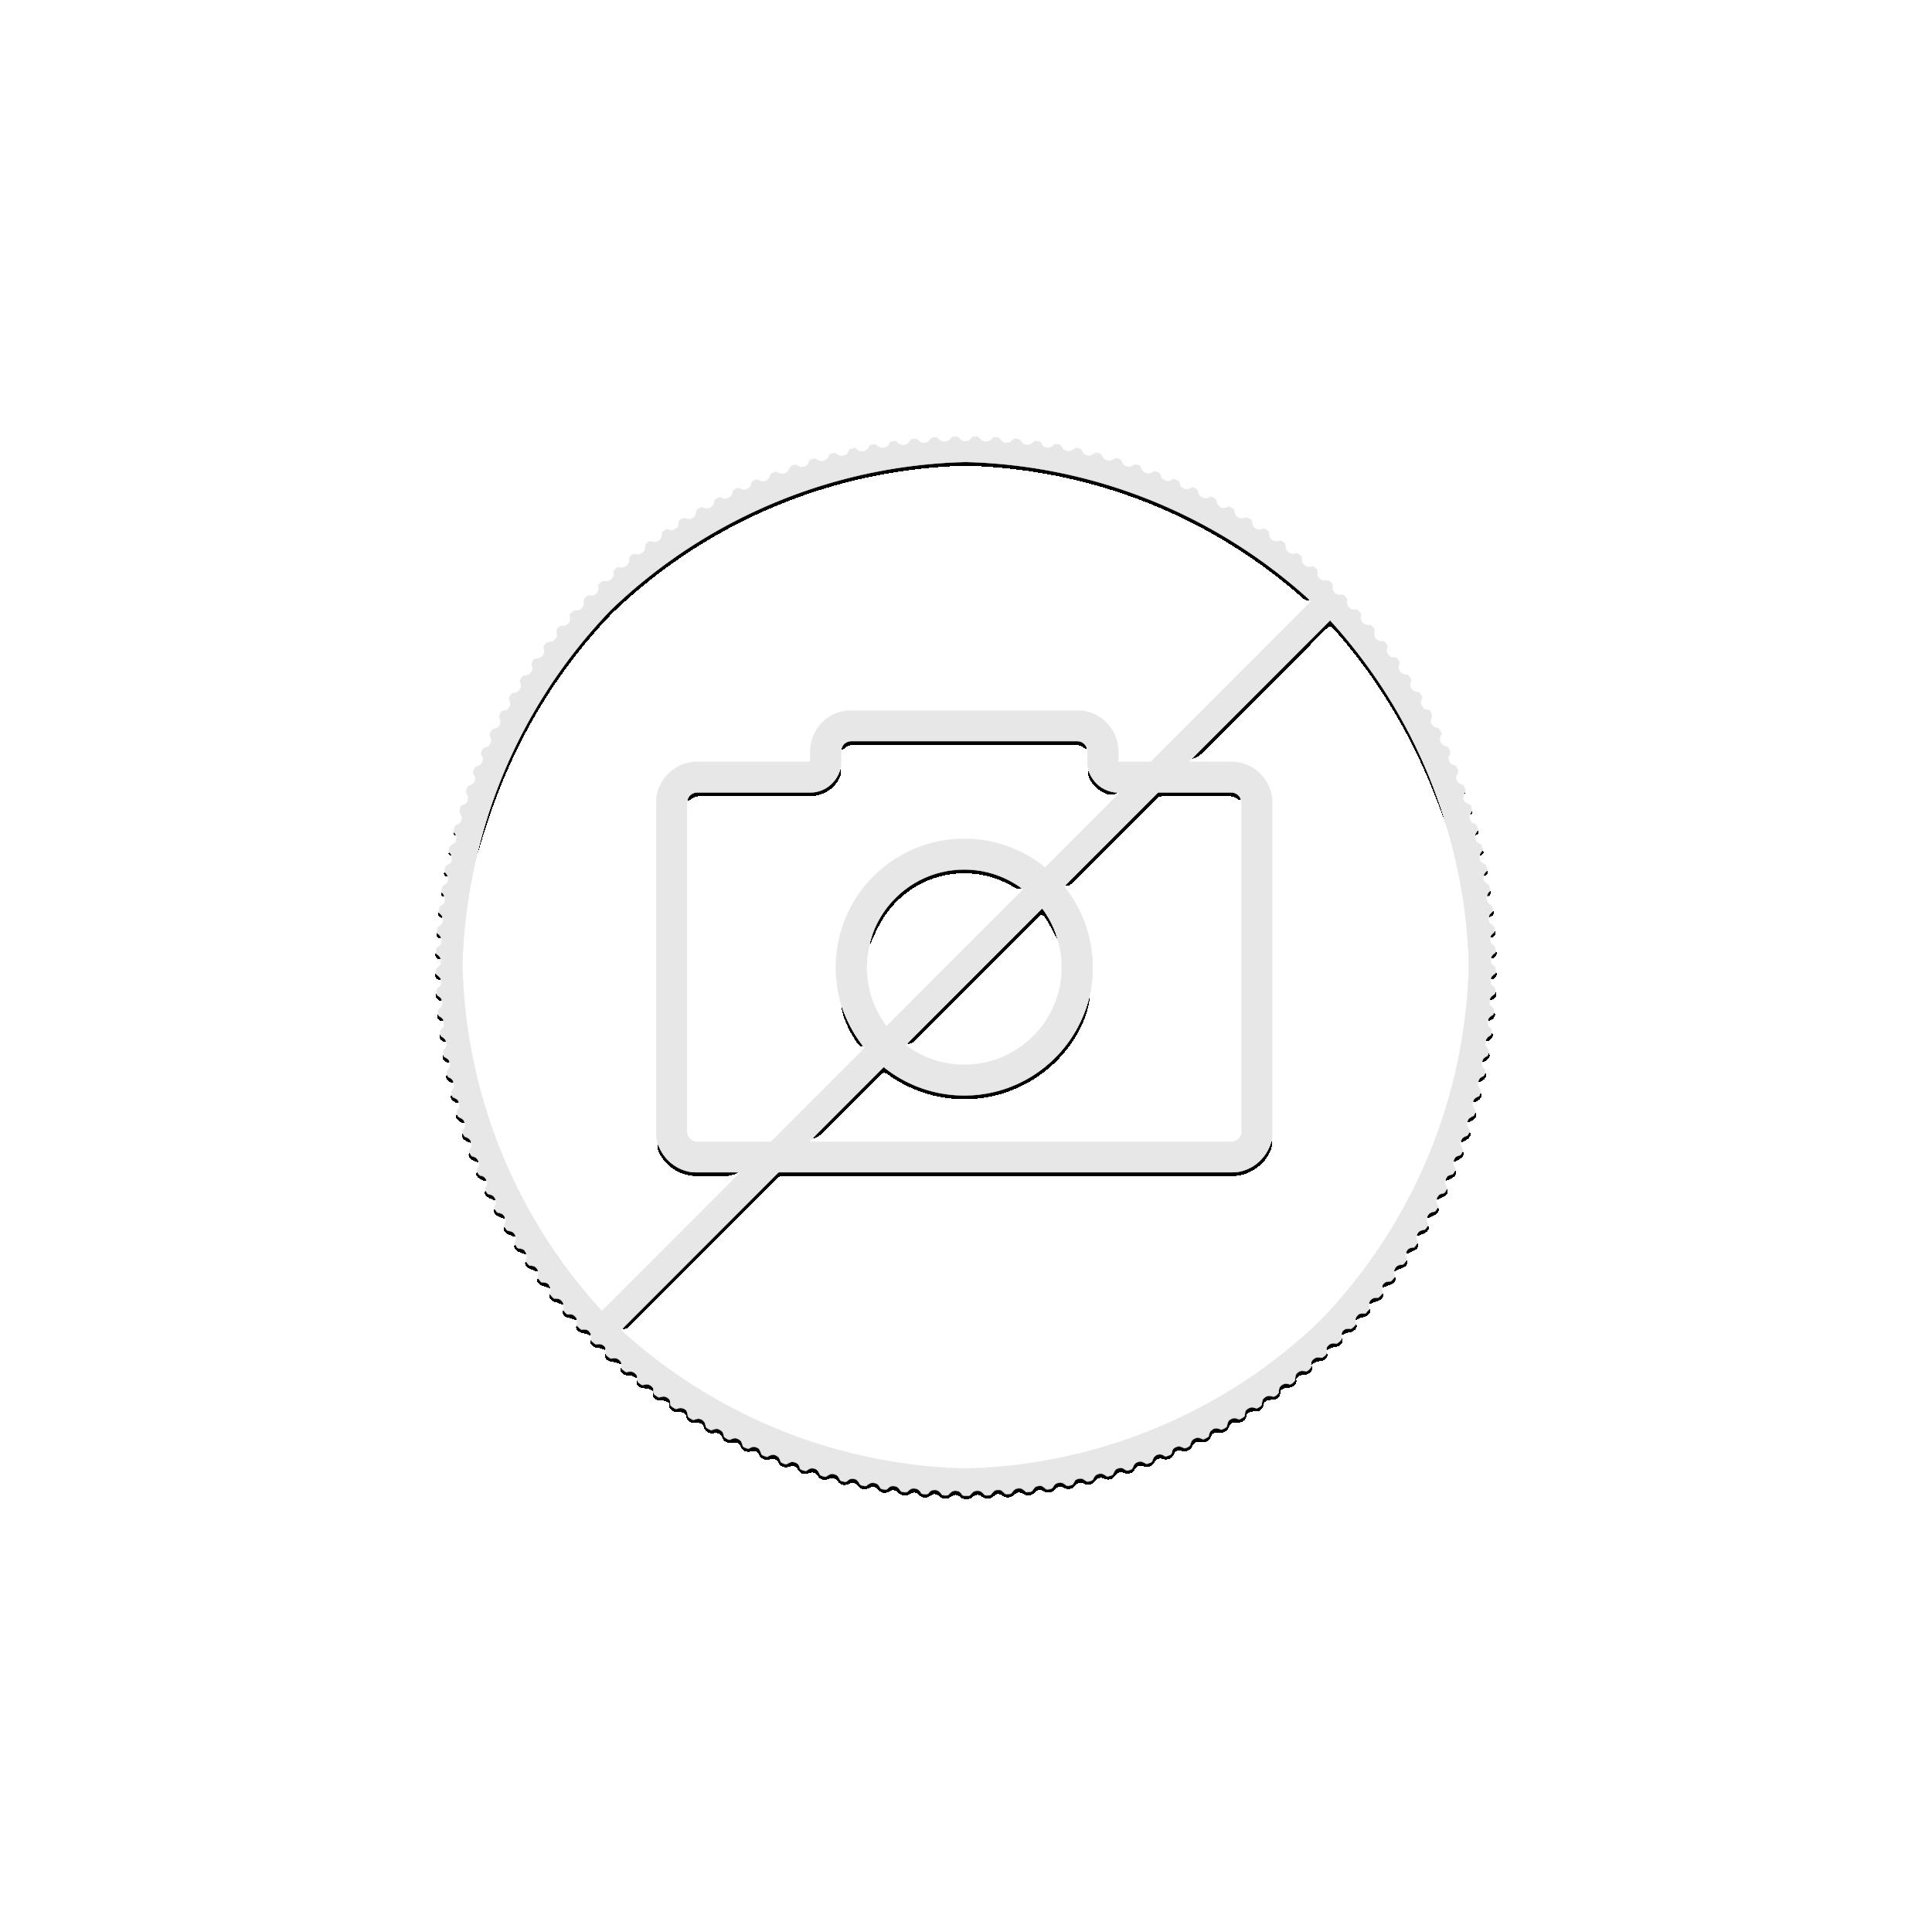 2 Troy ounce gold coin Lunar 2019